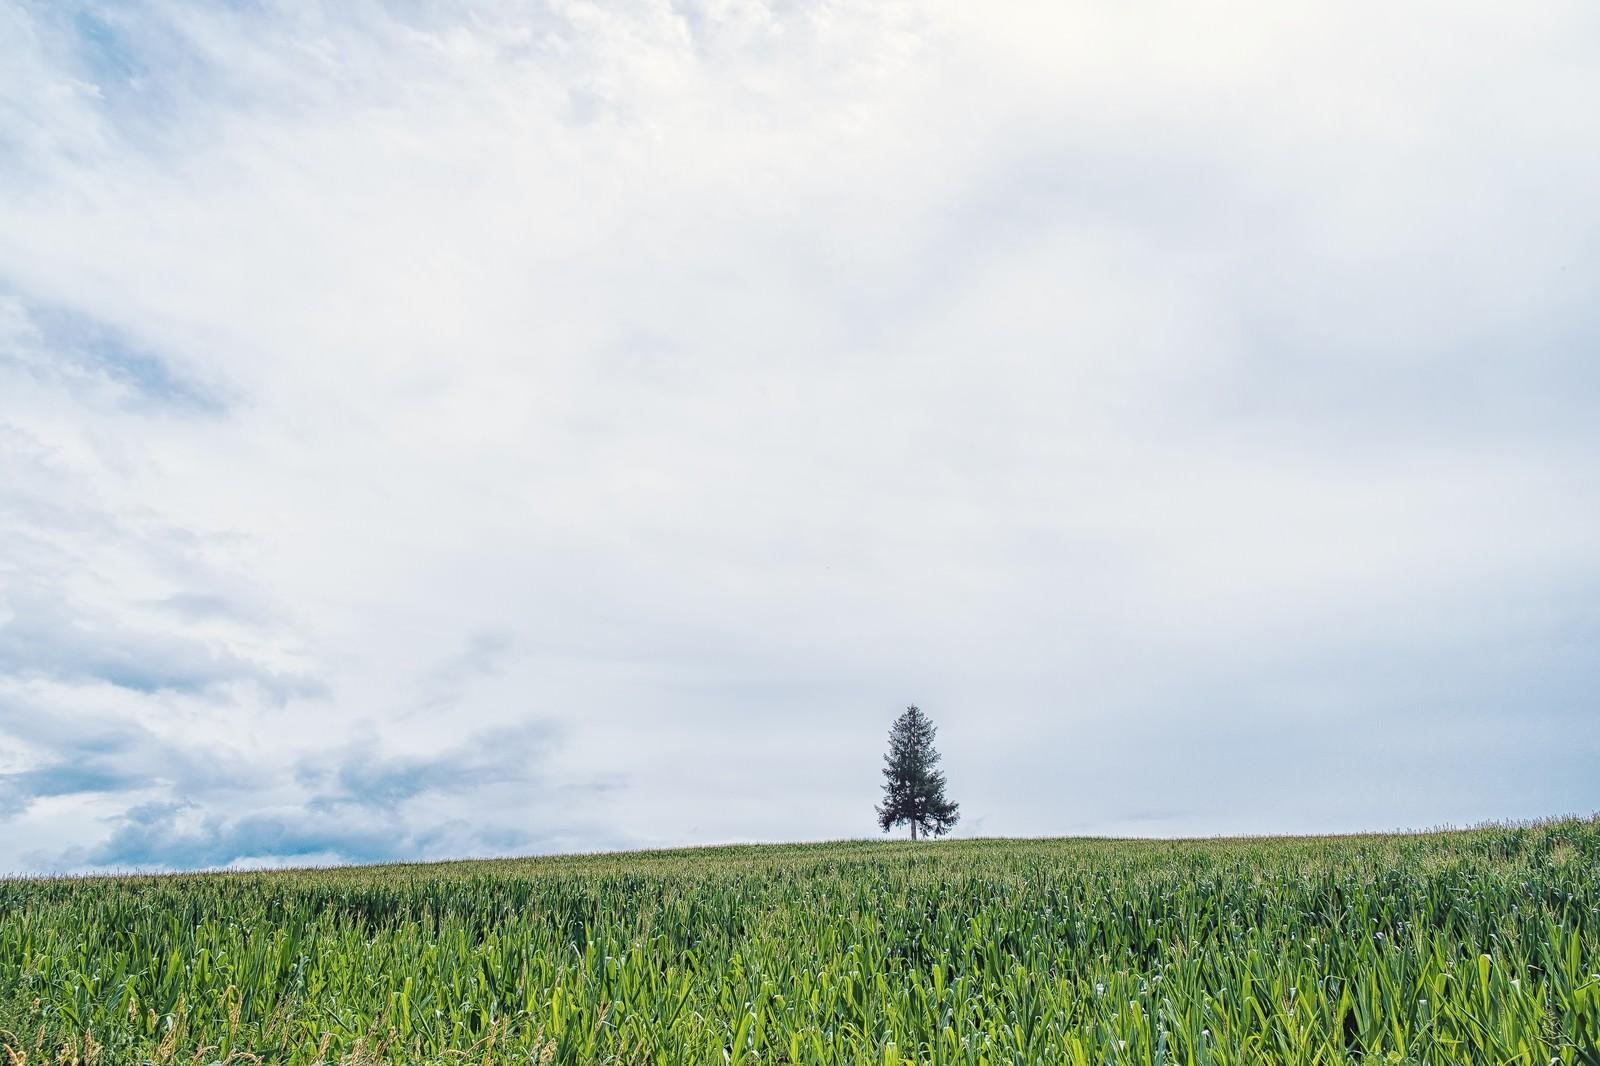 「草原の中に生える一本の木」の写真